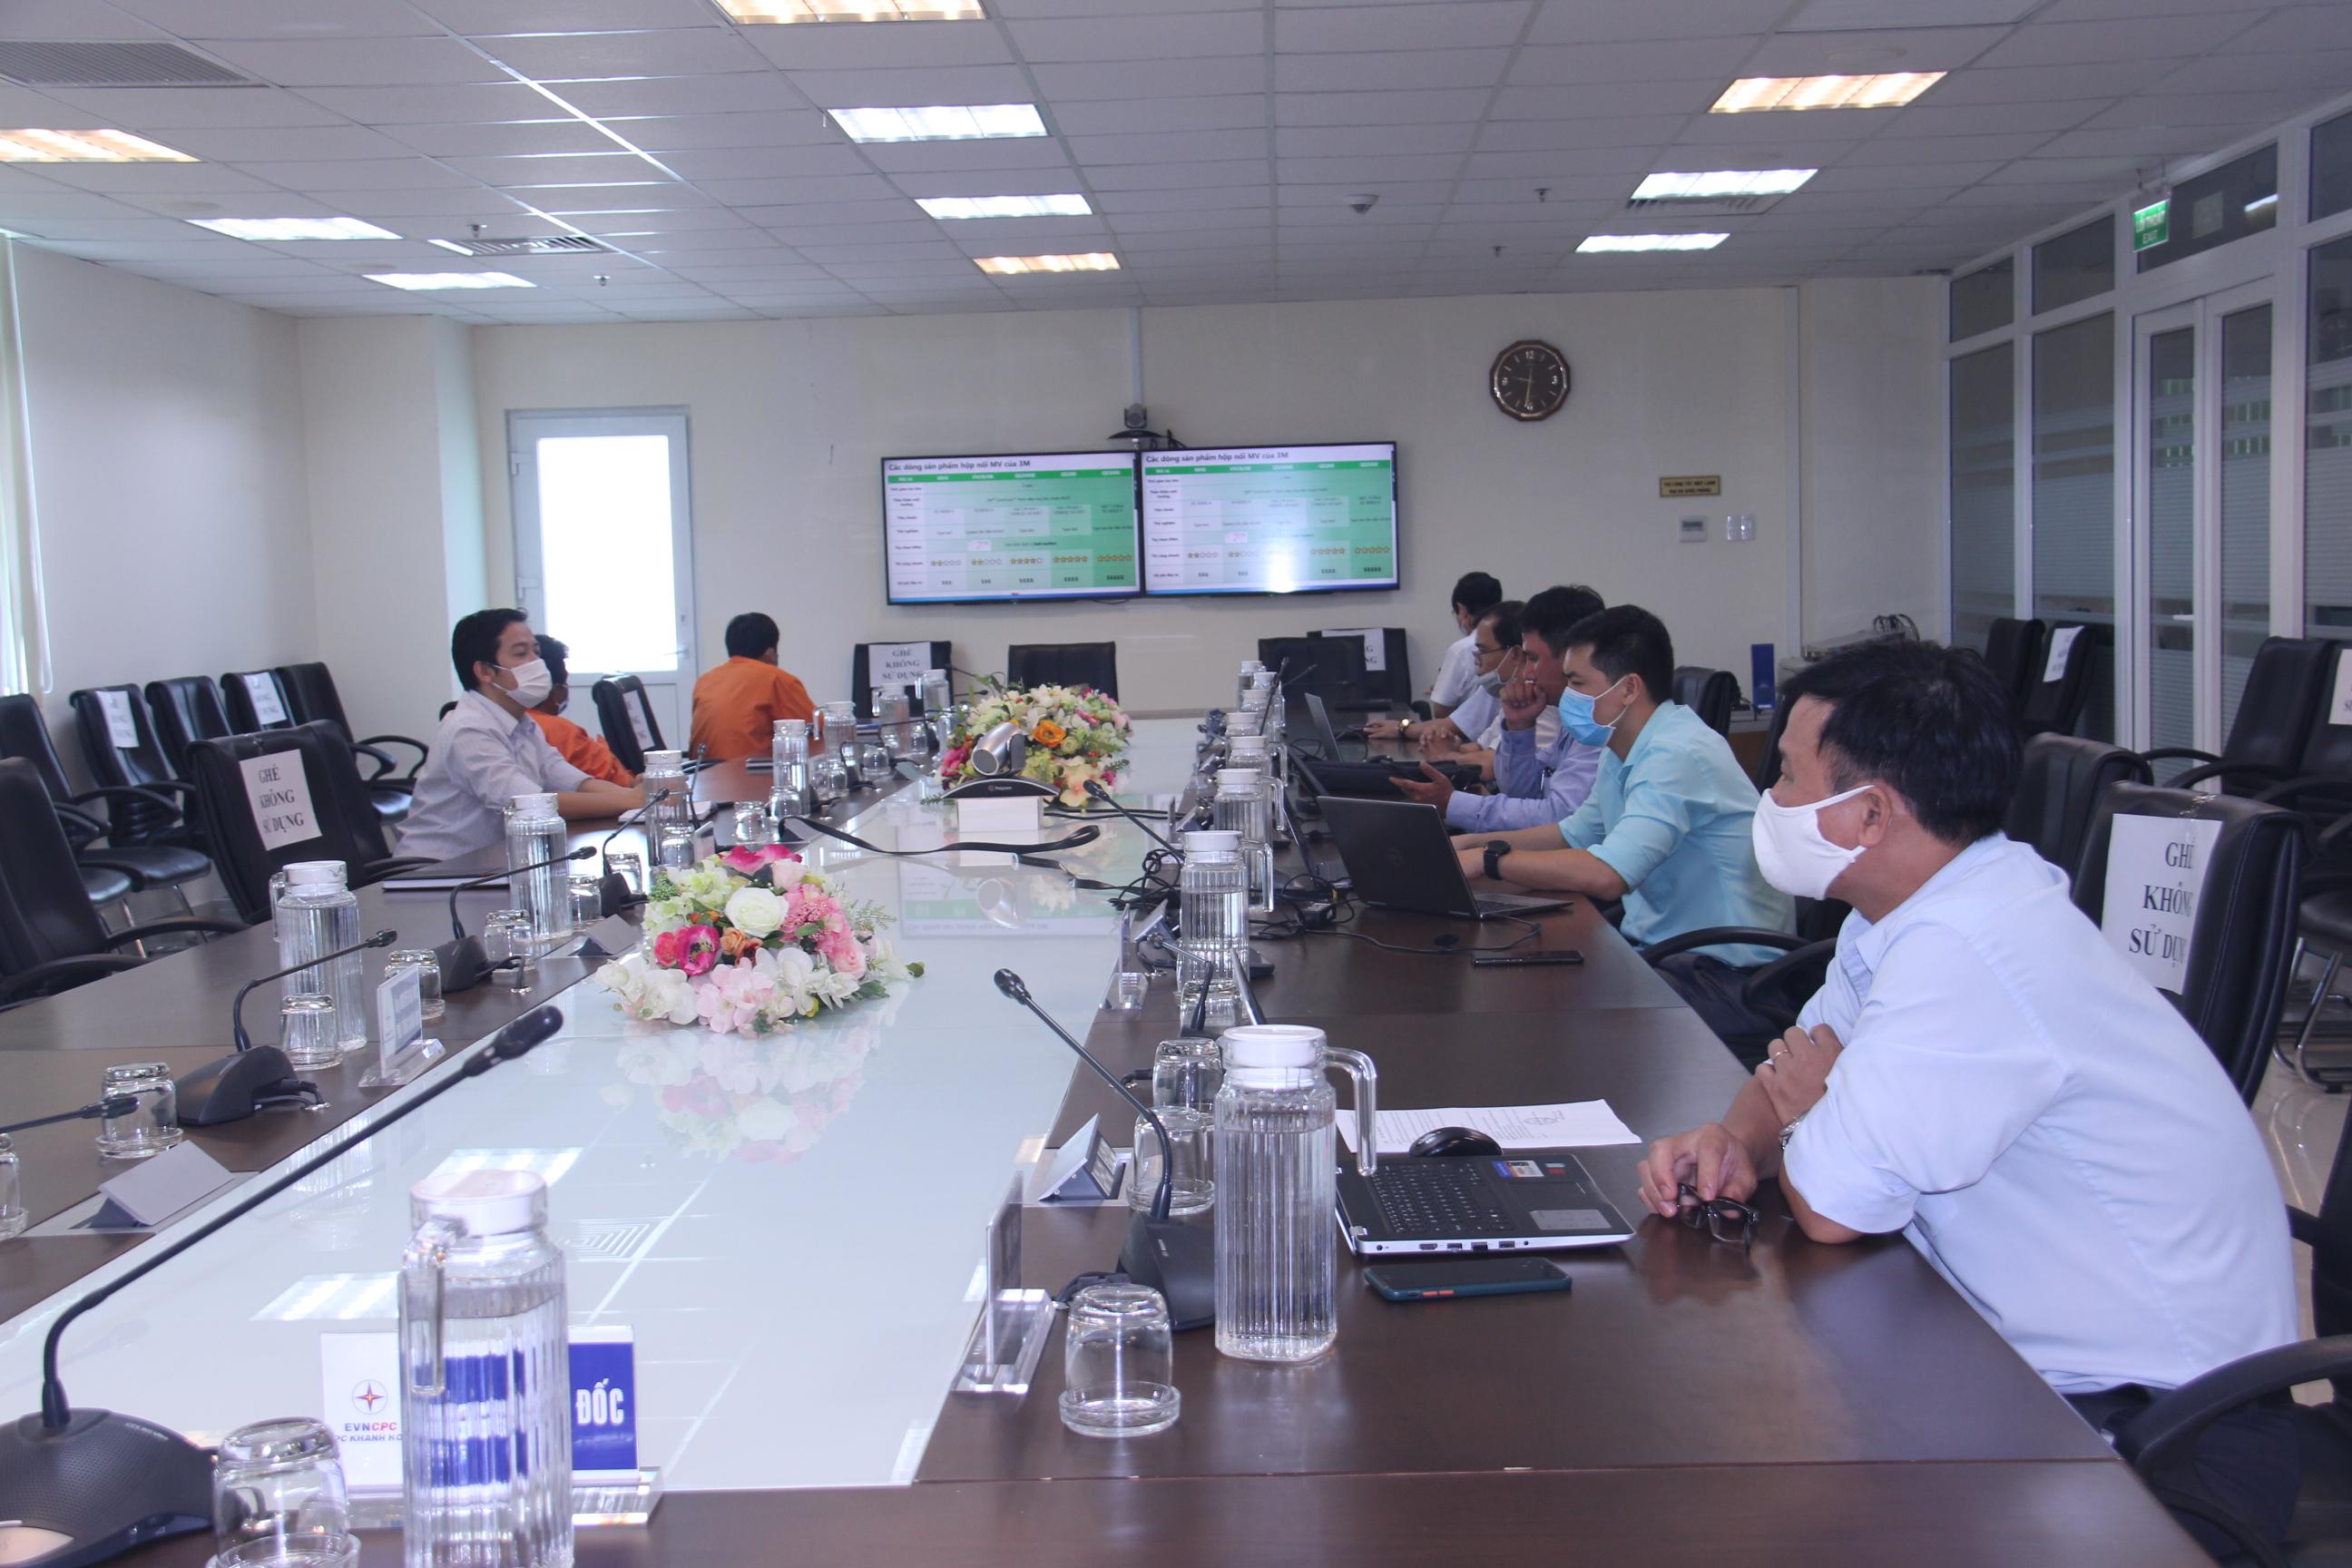 PC Khánh Hòa: Hội thảo trực tuyến về hệ thống cáp ngầm